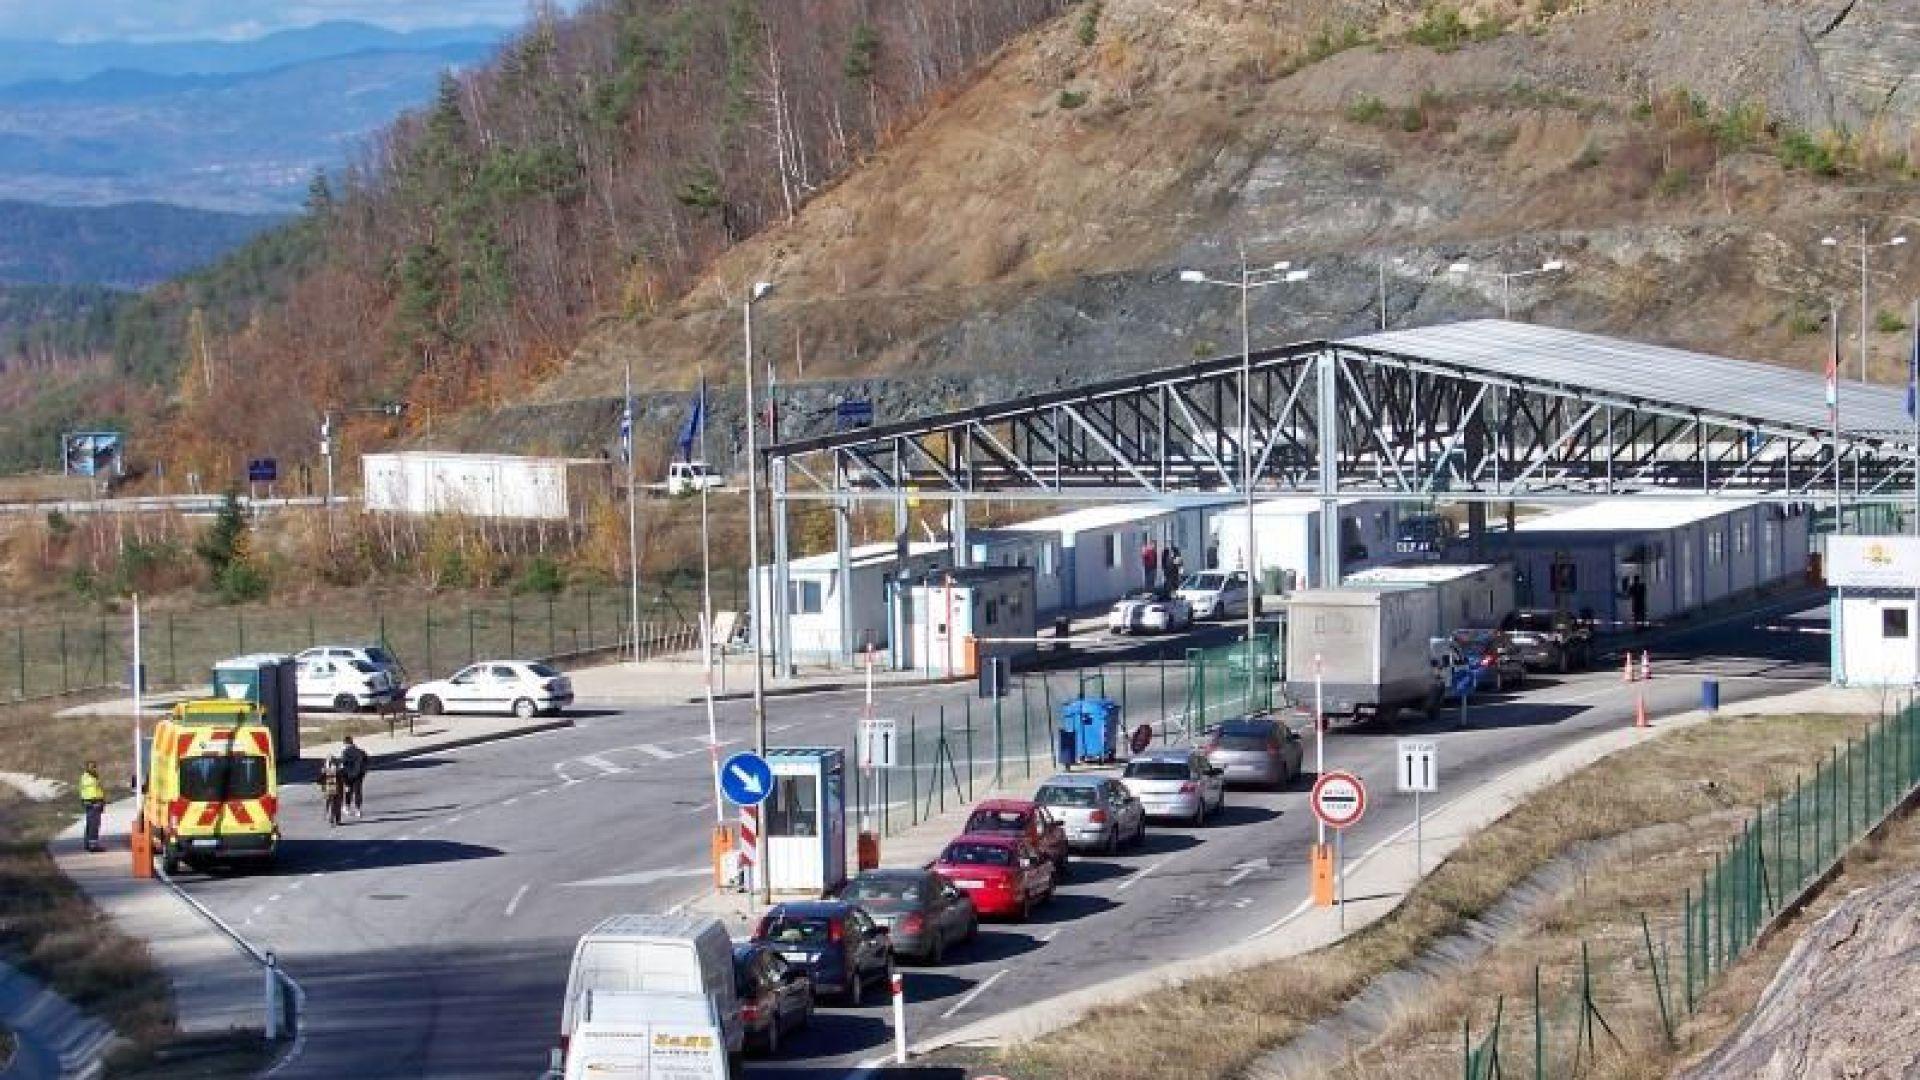 Външно обяви, че има нови изисквания за влизане в Гърция